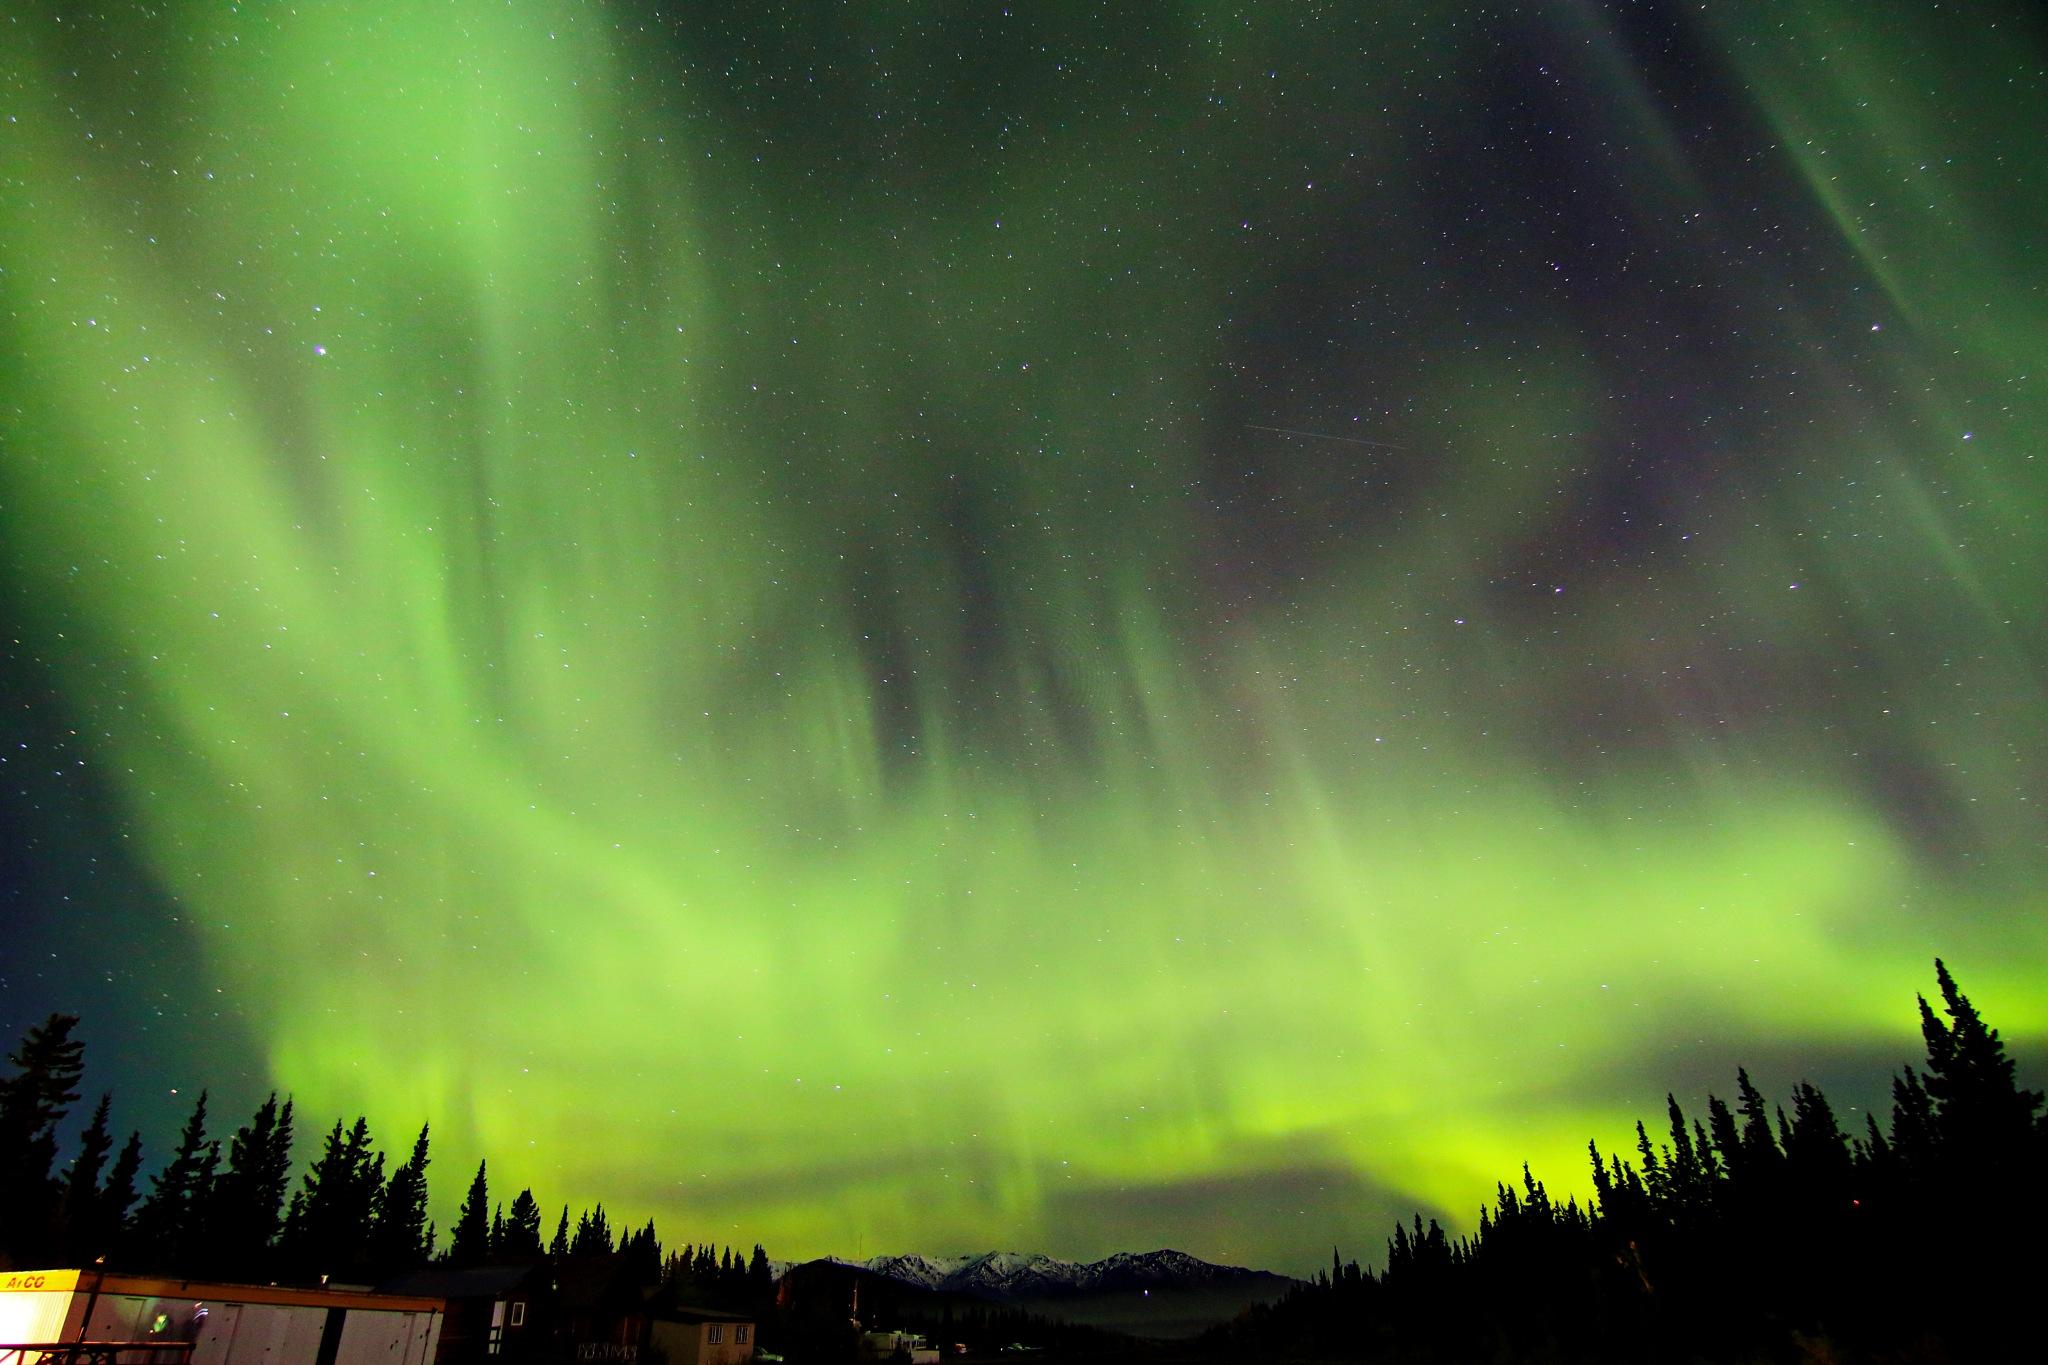 Heaven's Lights by daniel.luna.77920